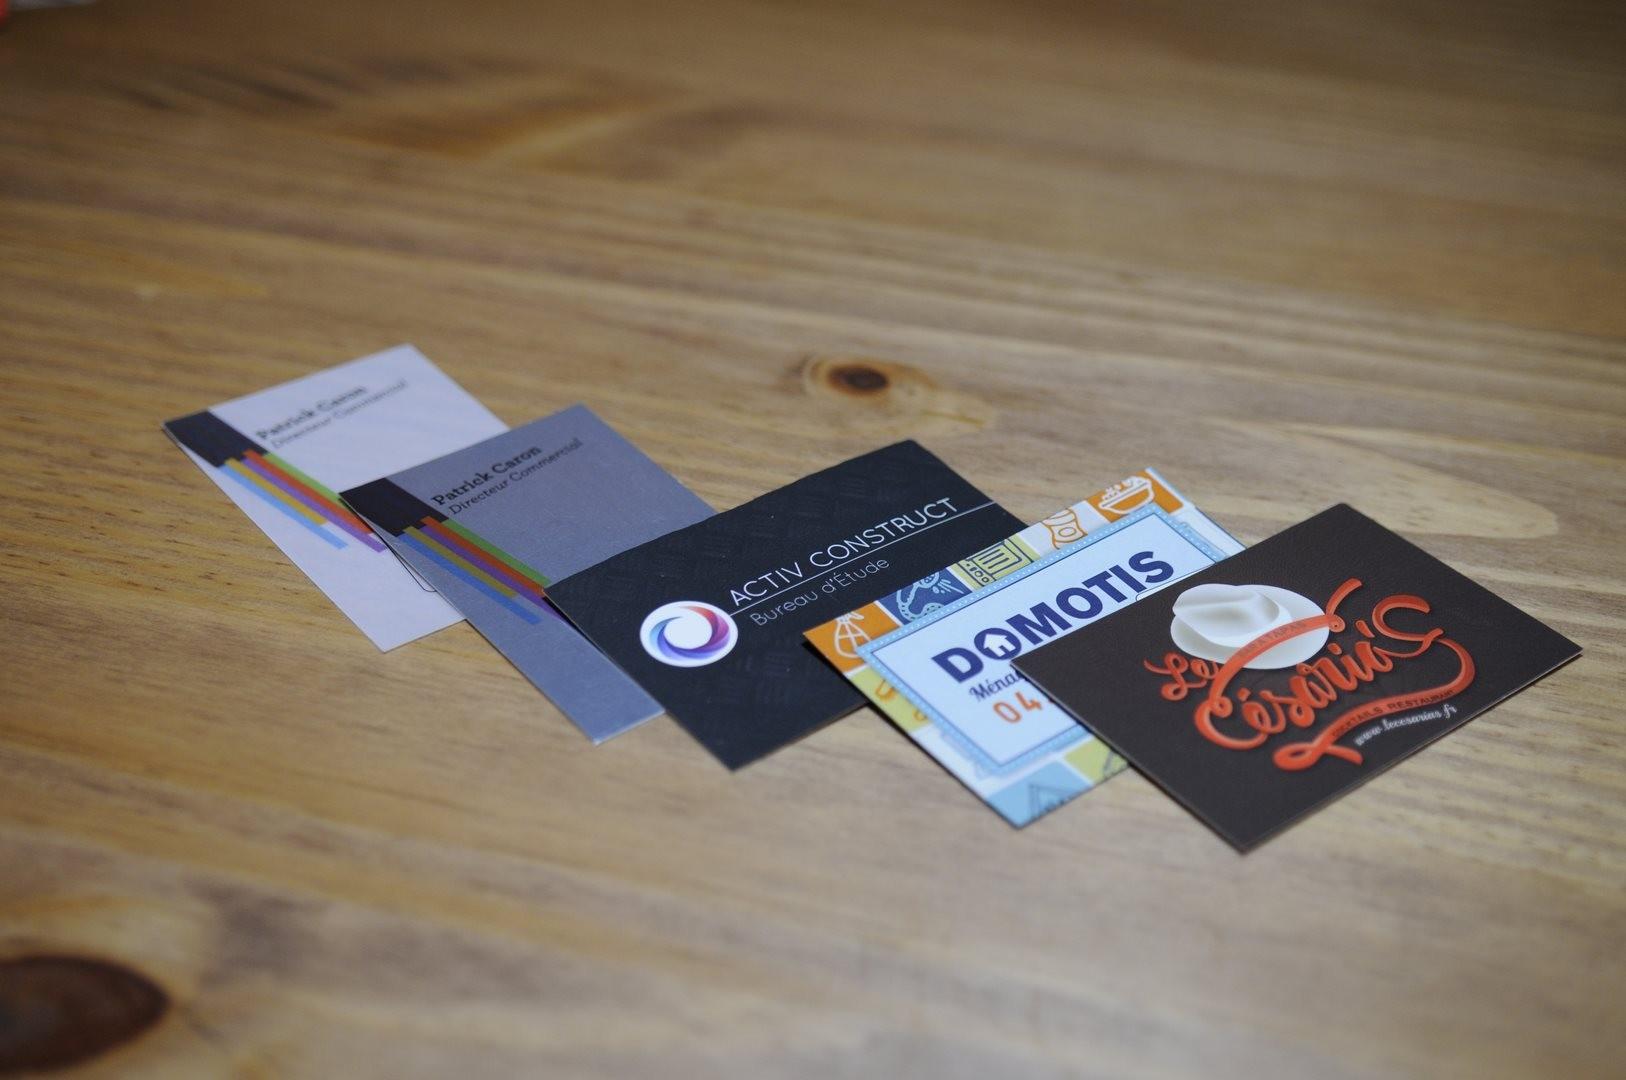 Turbo 10 conseils pour vos cartes de visite - Trucs et astuces LH09